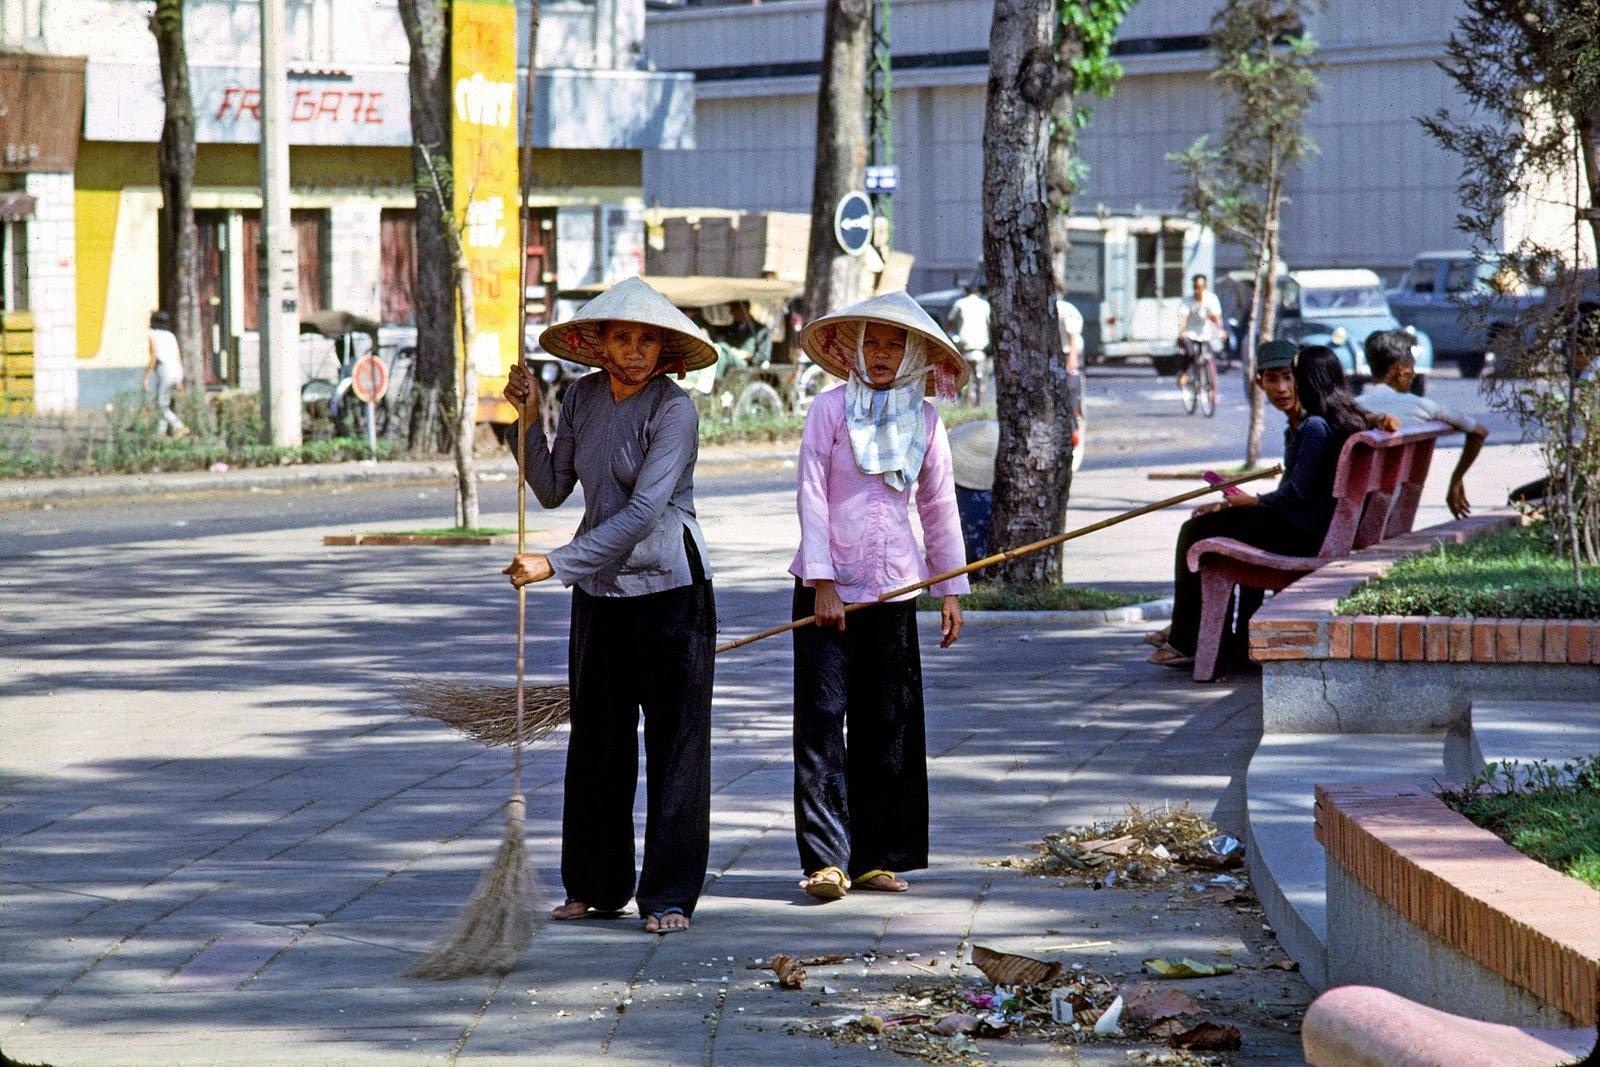 60 tấm ảnh màu đẹp nhất của đường phố Saigon thập niên 1960-1970 - 48